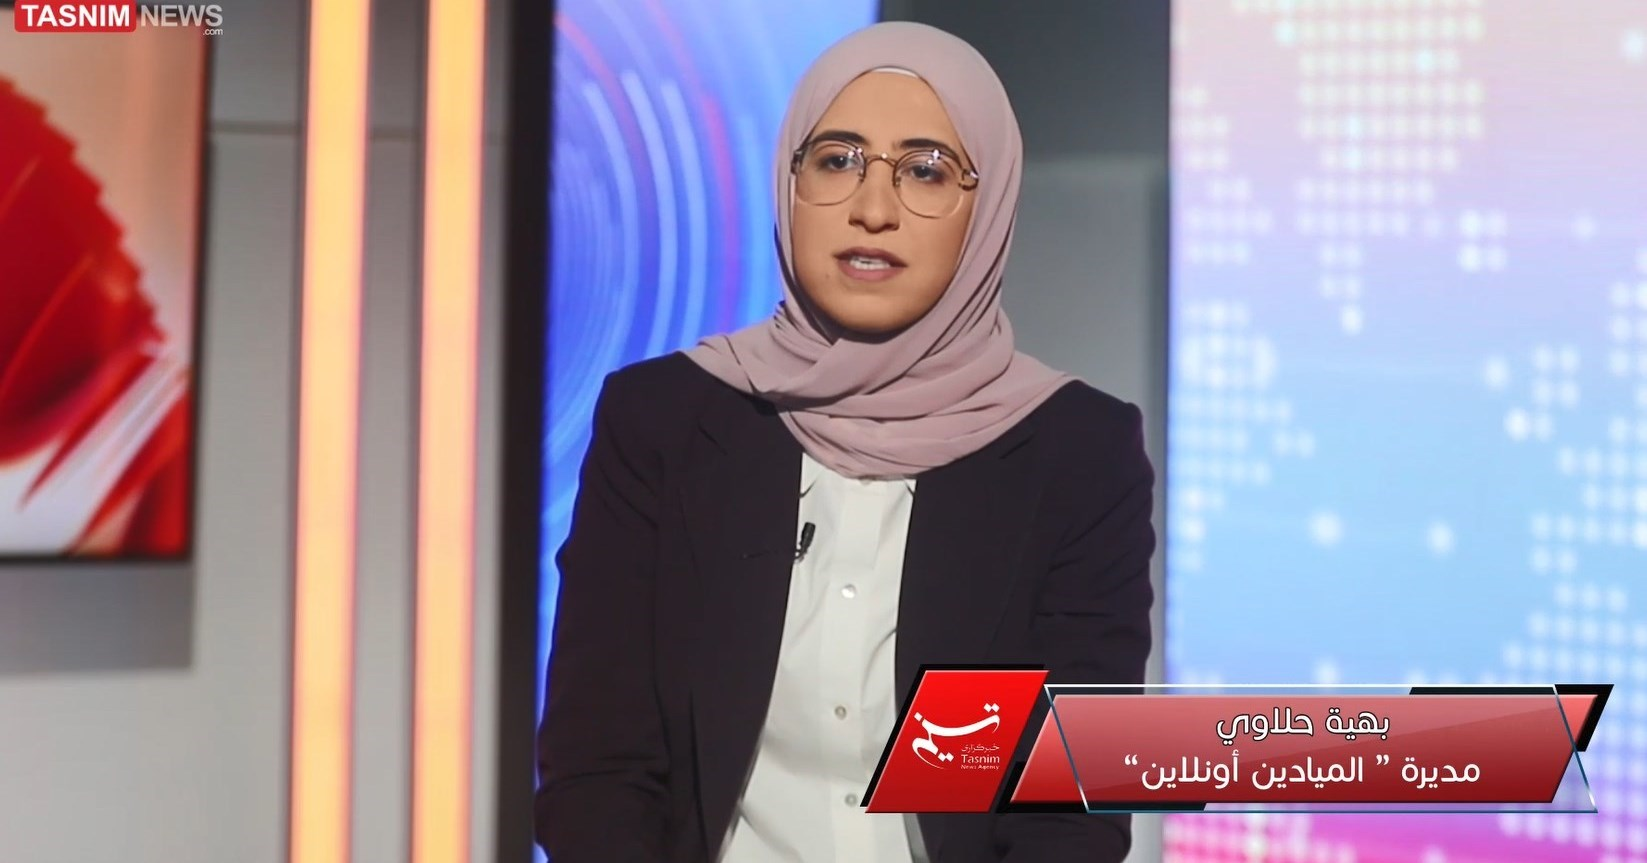 التغطیة الإعلامیة لمحور المقاومة.. کمّل النصر الفلسطینی وفضح العدو وجرائمه